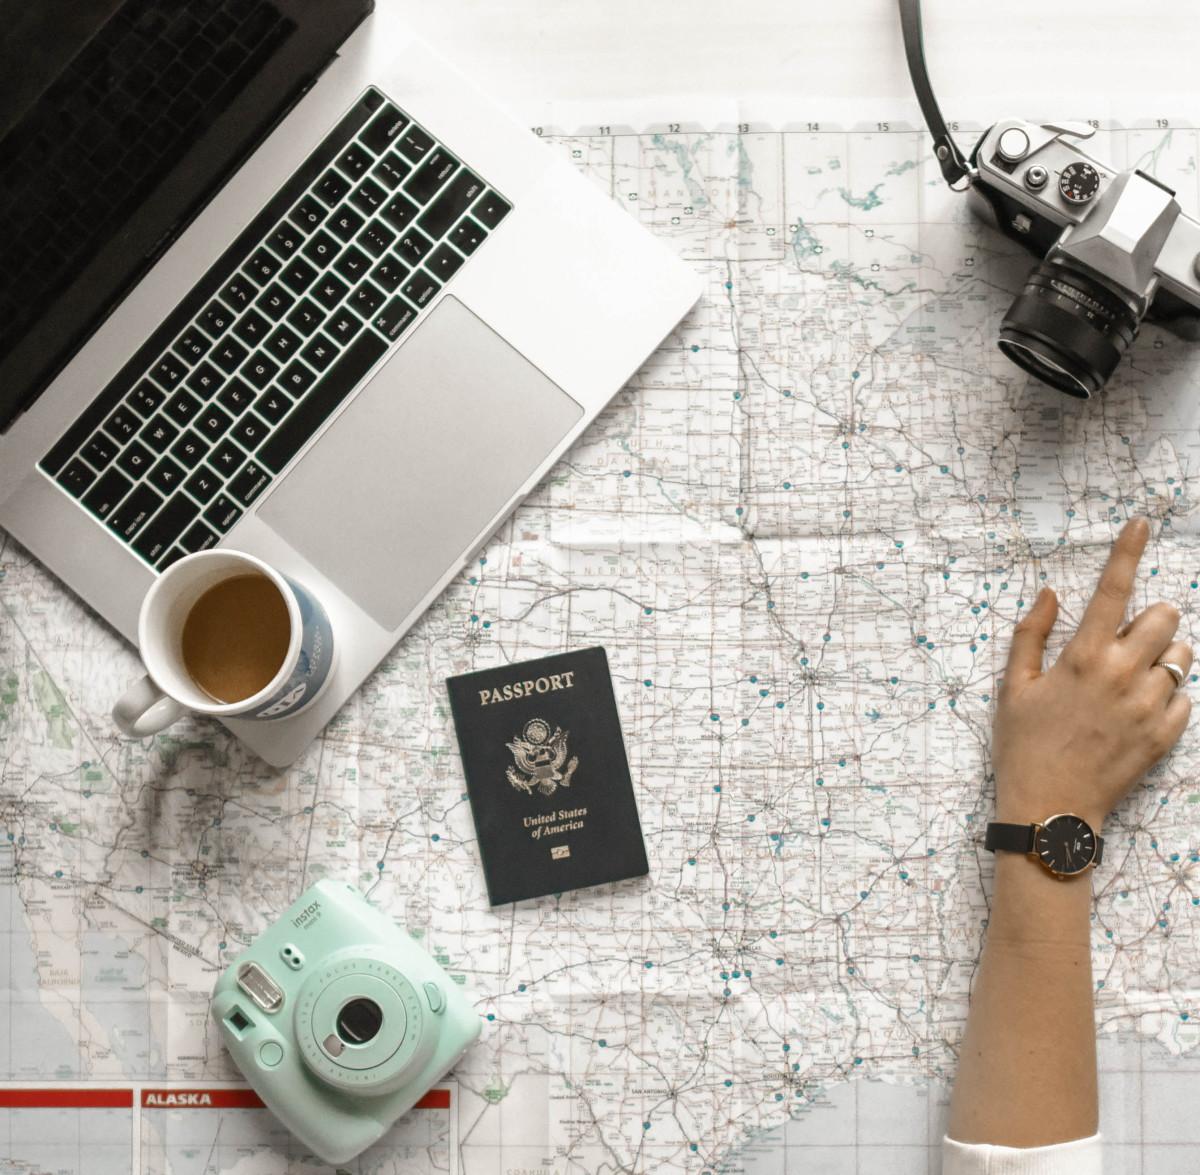 Passport Photo Makeup Tips